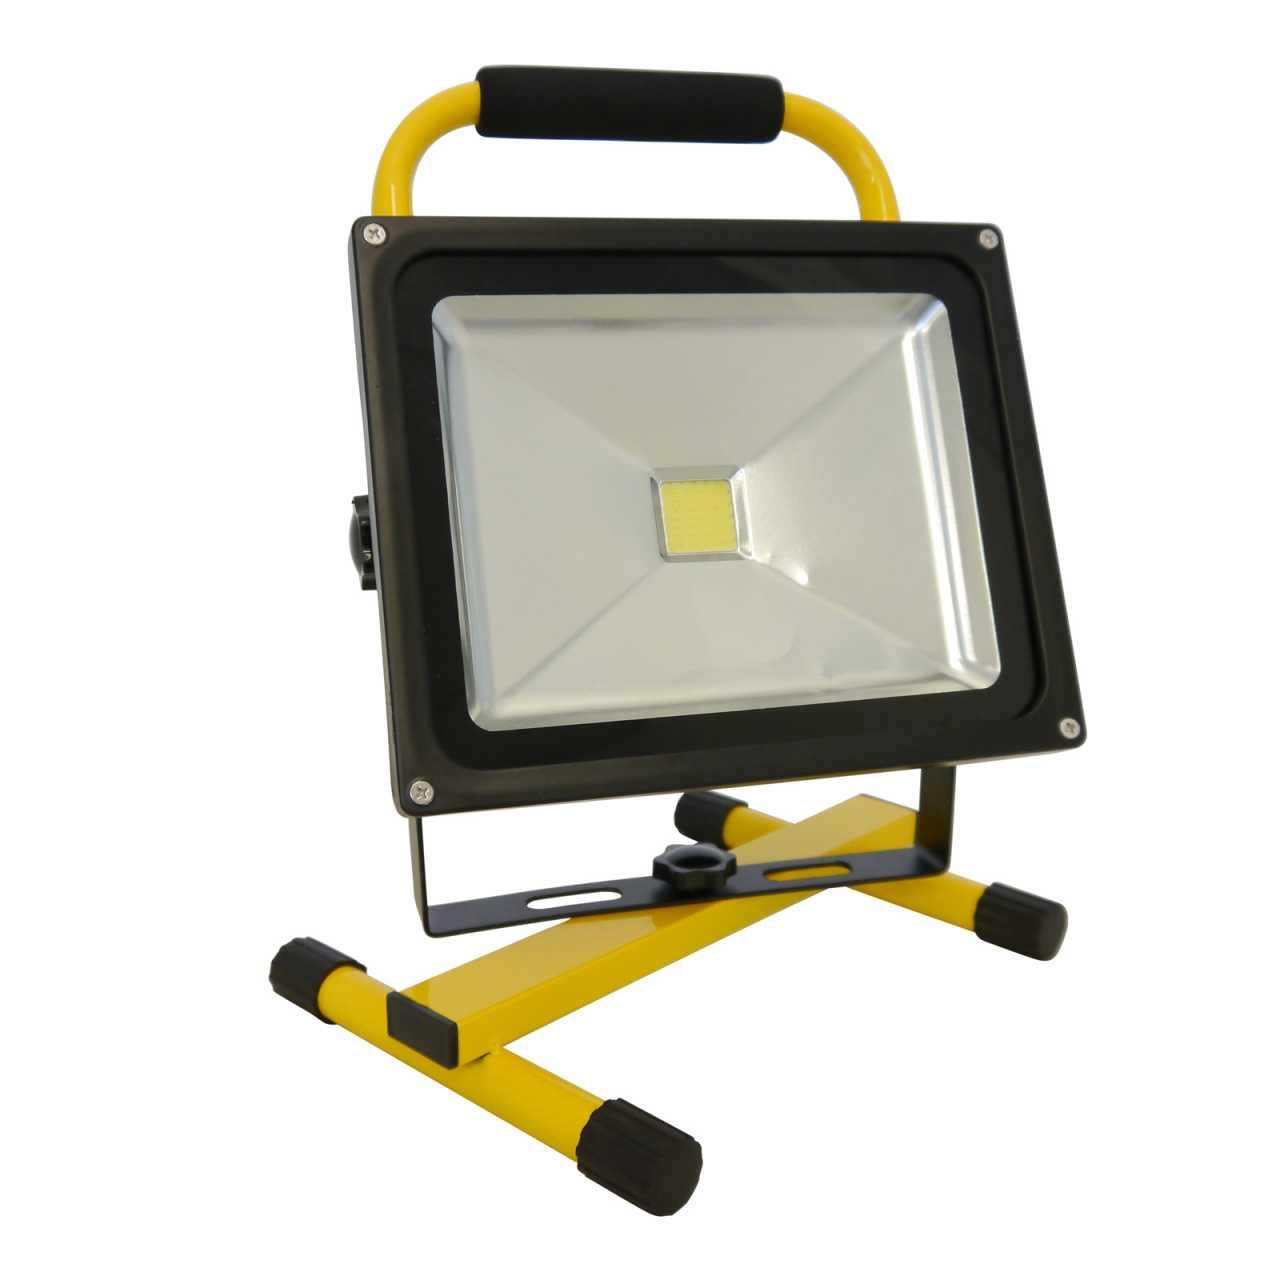 Grafner LED Baustrahler 20 Watt 4400 mAh Akku in Gelb Flutlicht